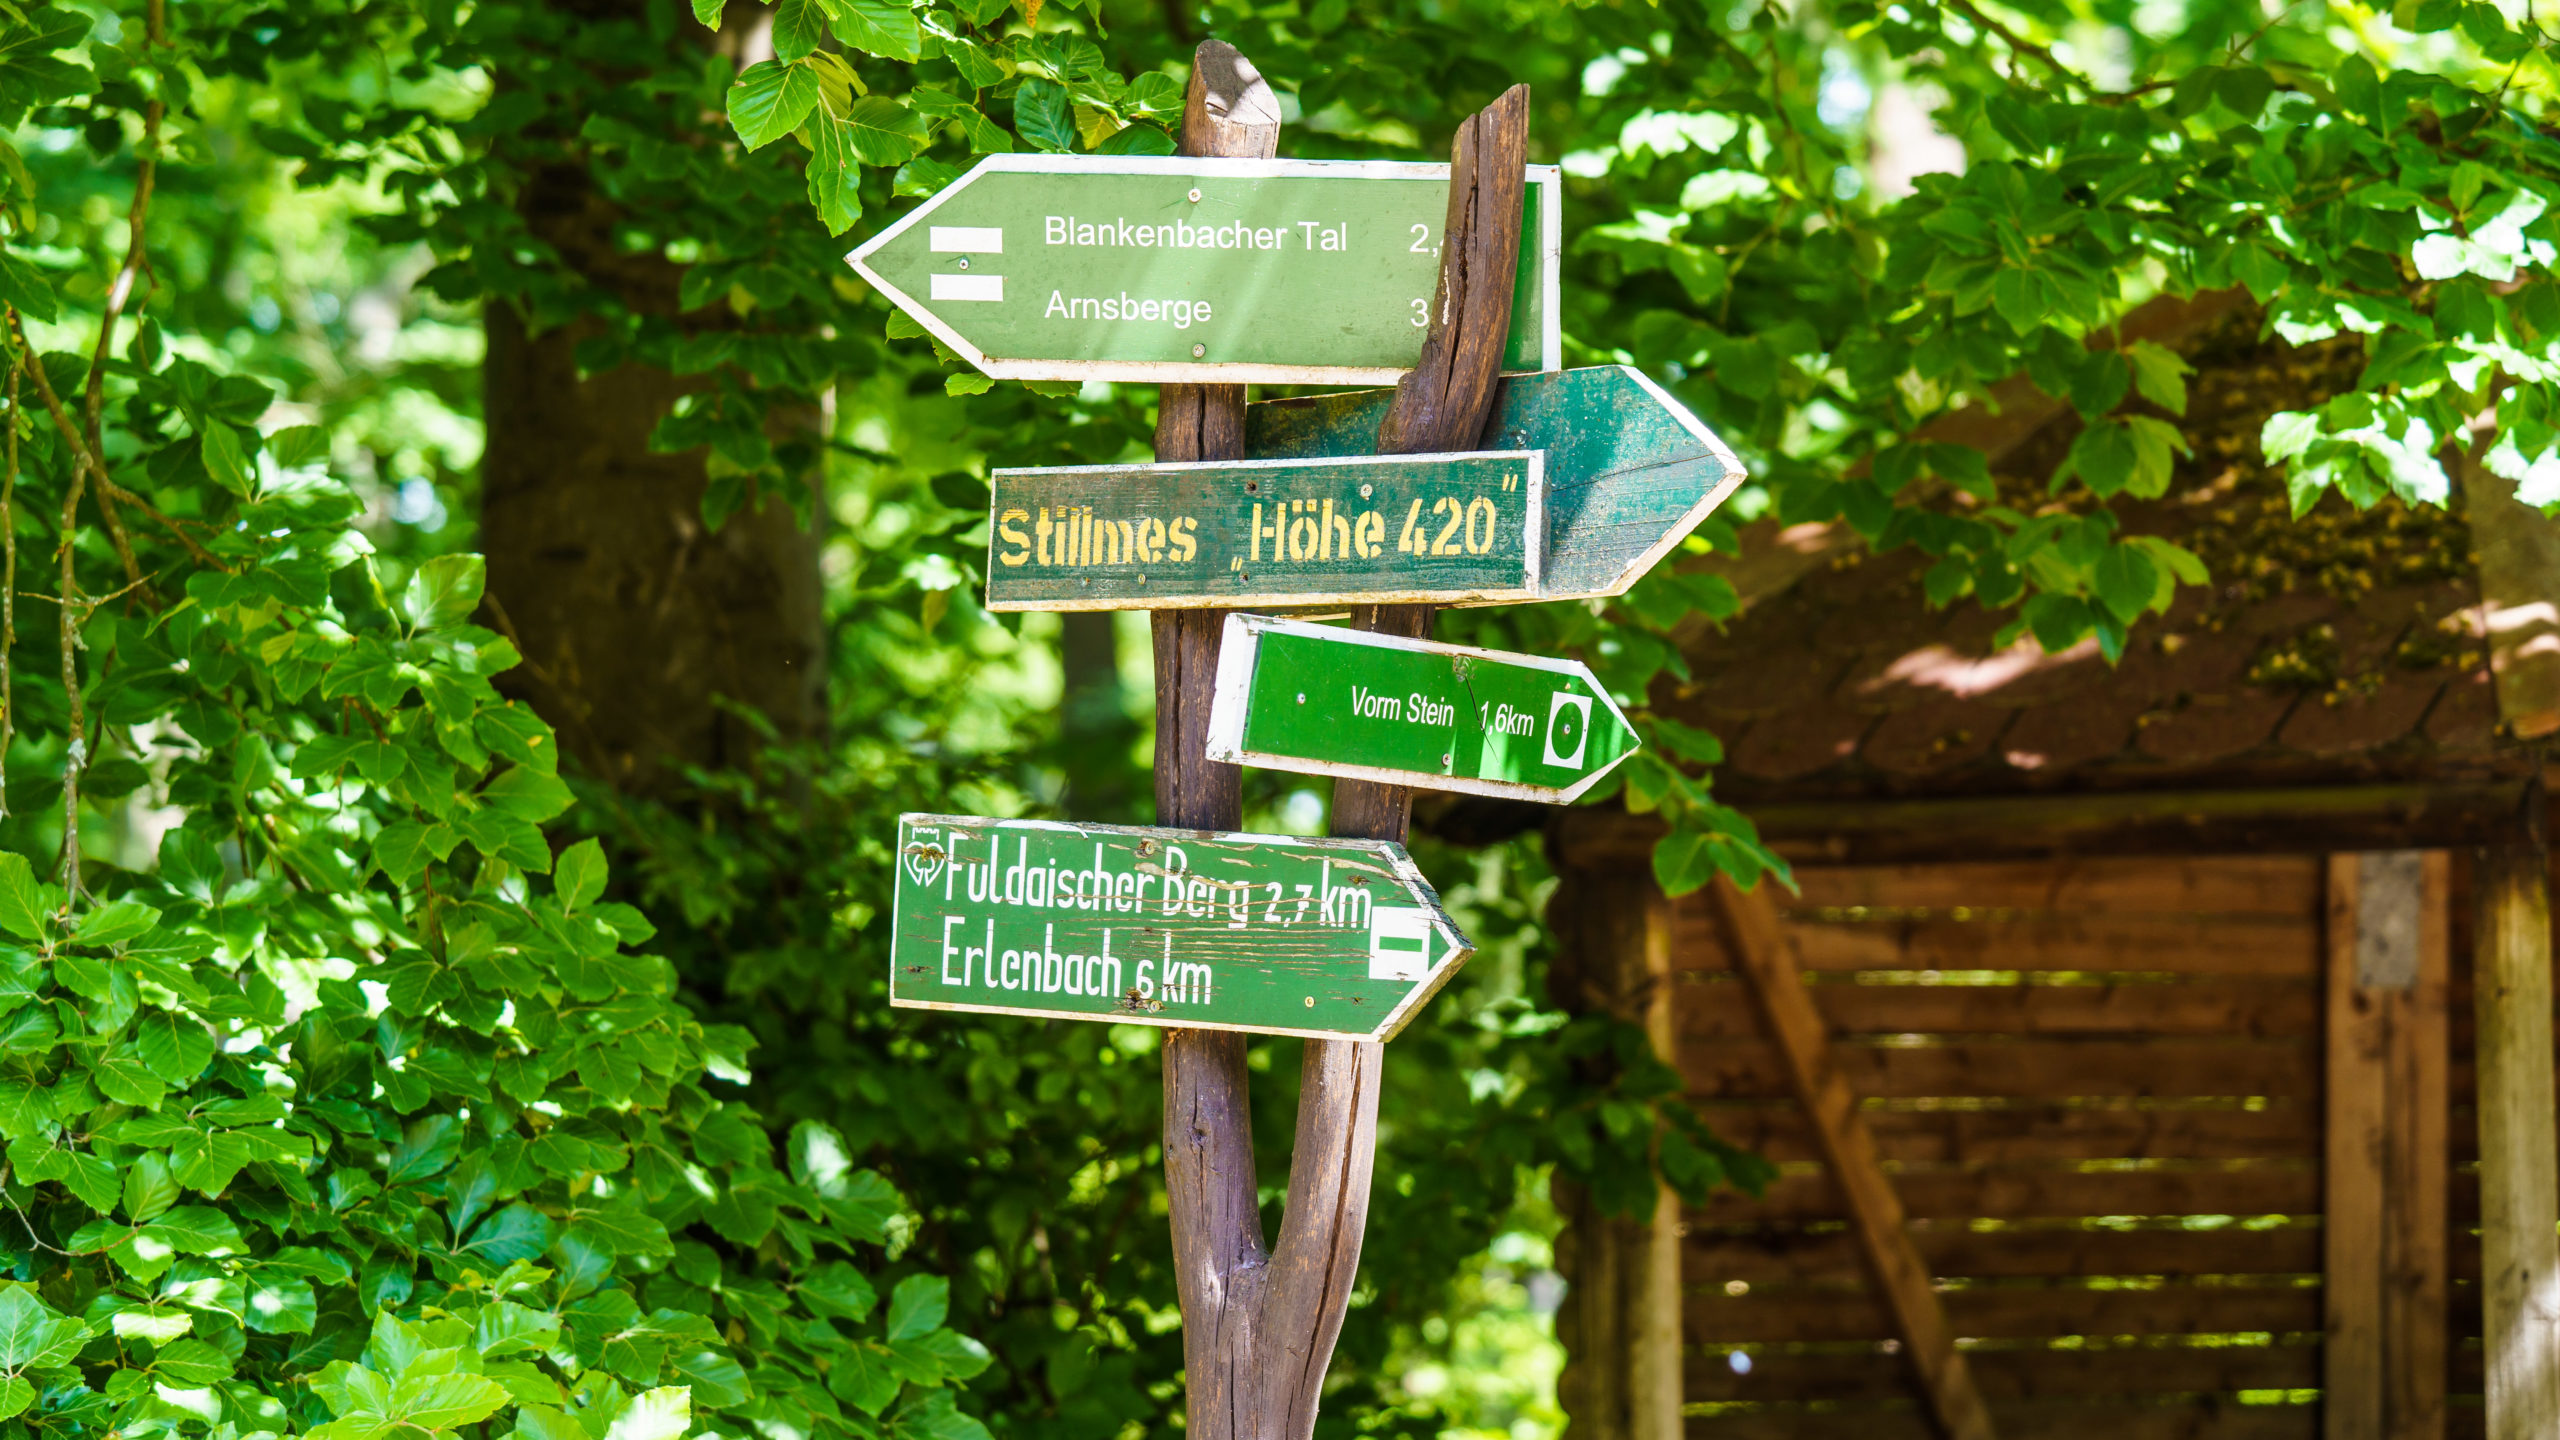 Grenzweg Gerstunger Forst, auf dem Kolonnenweg am Stillmes